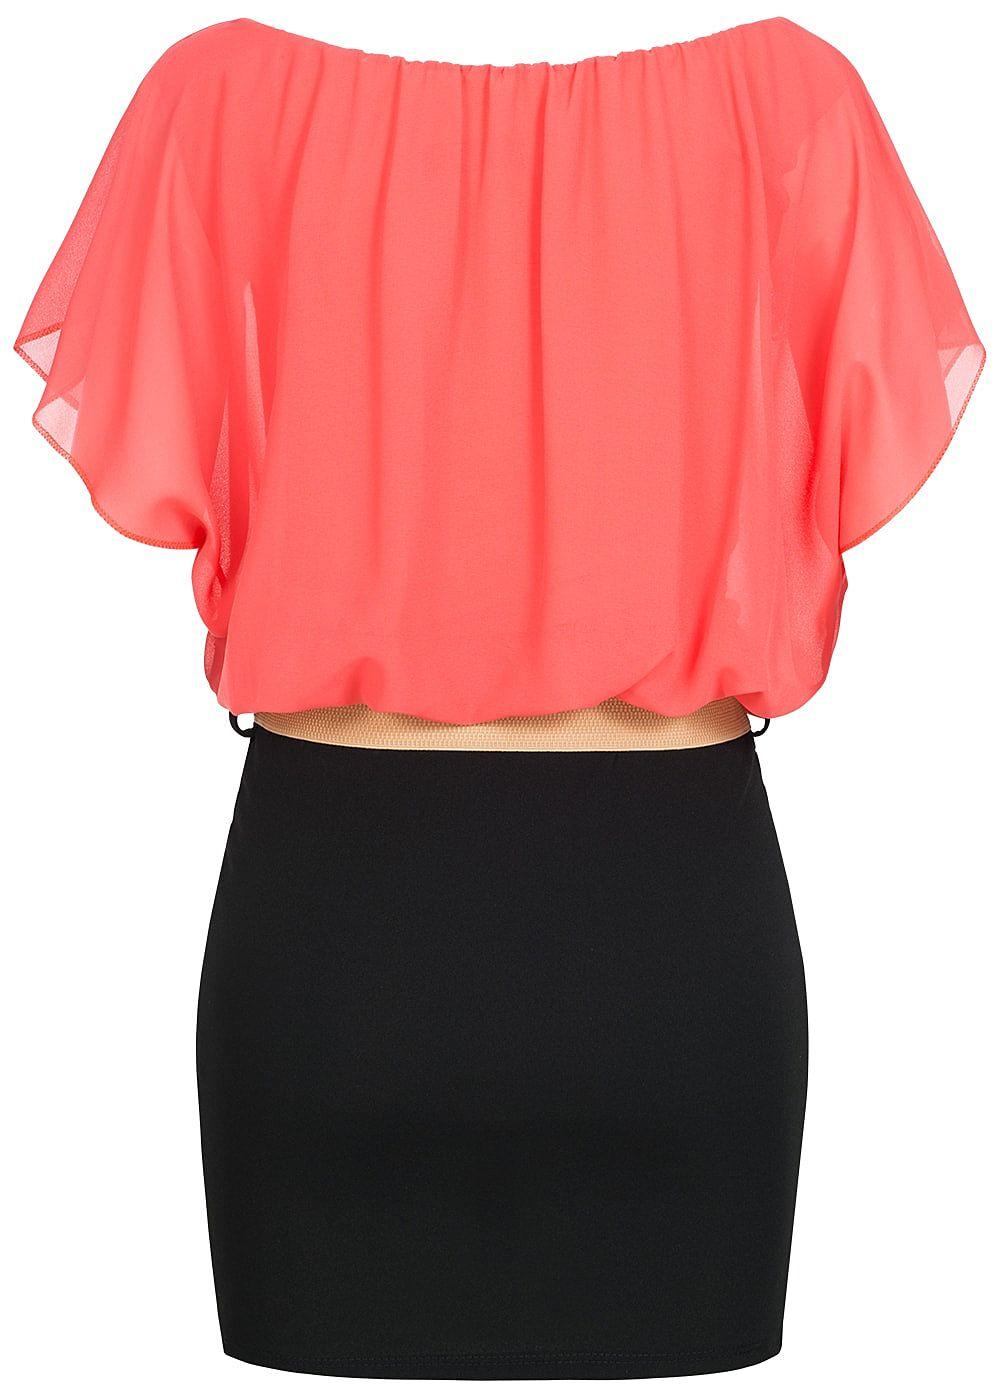 styleboom fashion damen chiffon kleid volant rmel mit g rtel coral pink schwarz 77onlineshop. Black Bedroom Furniture Sets. Home Design Ideas